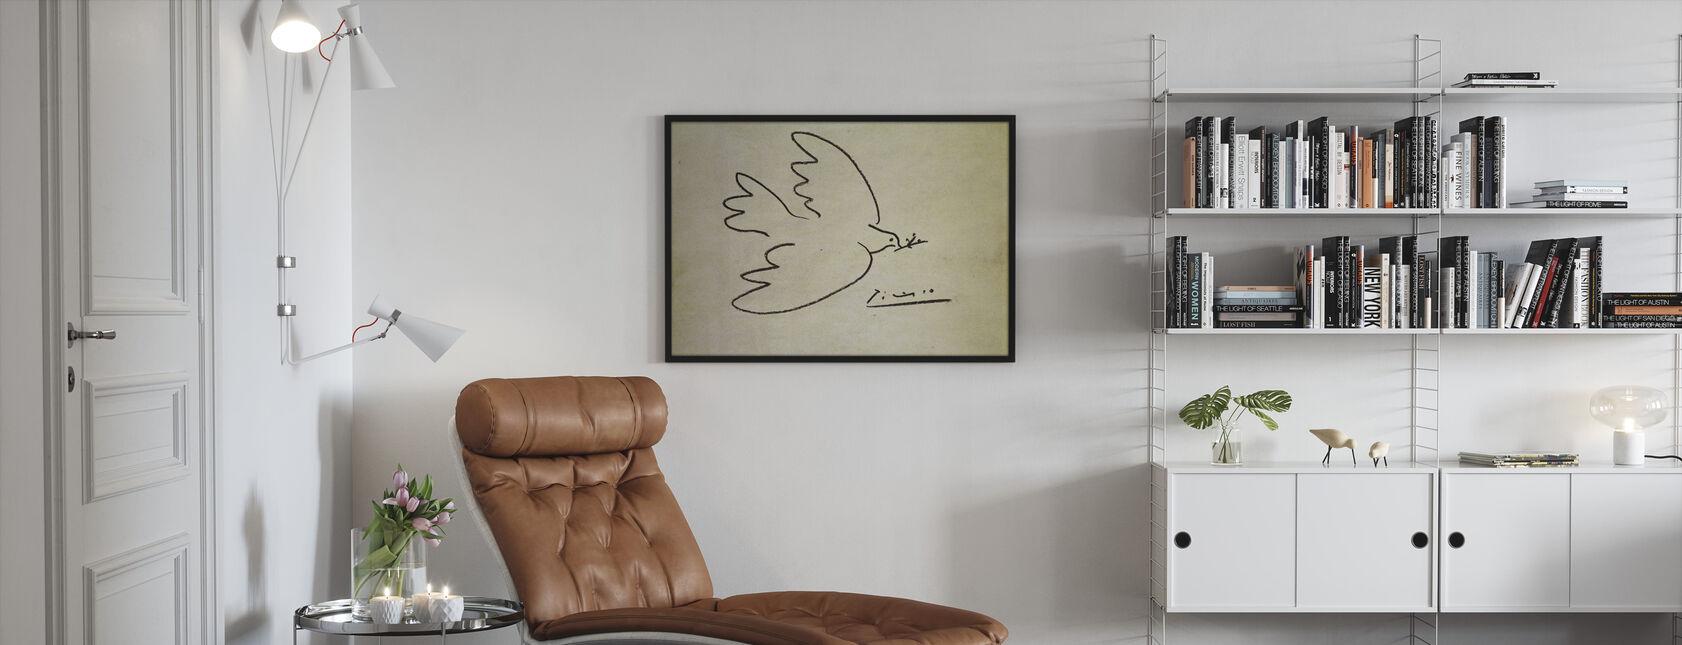 Wo - Pablo Picasso - Gerahmtes bild - Wohnzimmer